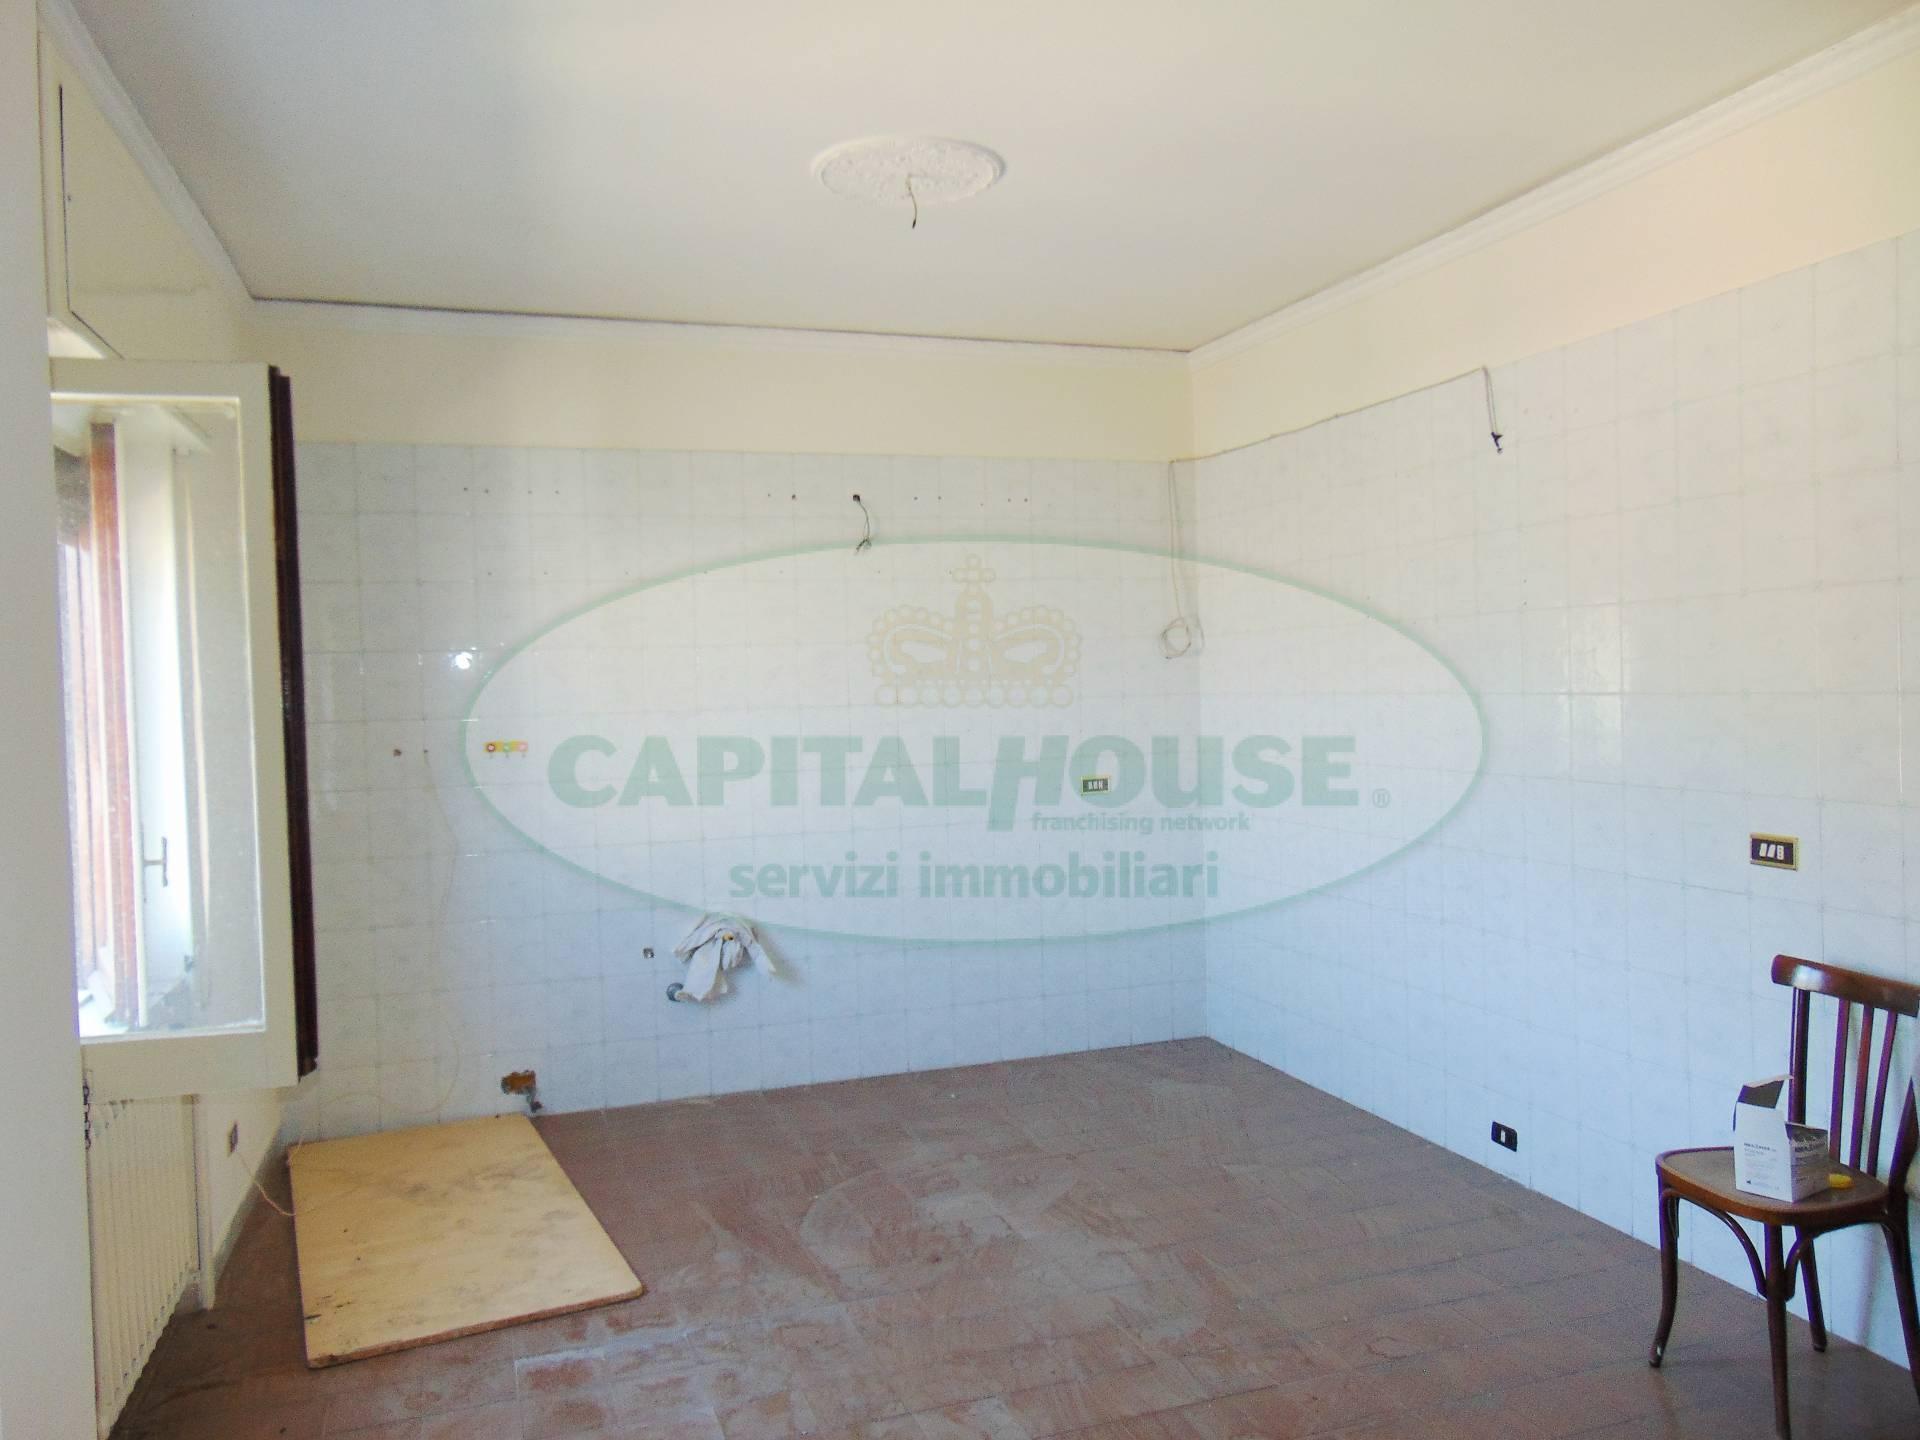 Appartamento in vendita a Mugnano del Cardinale, 3 locali, prezzo € 60.000 | CambioCasa.it